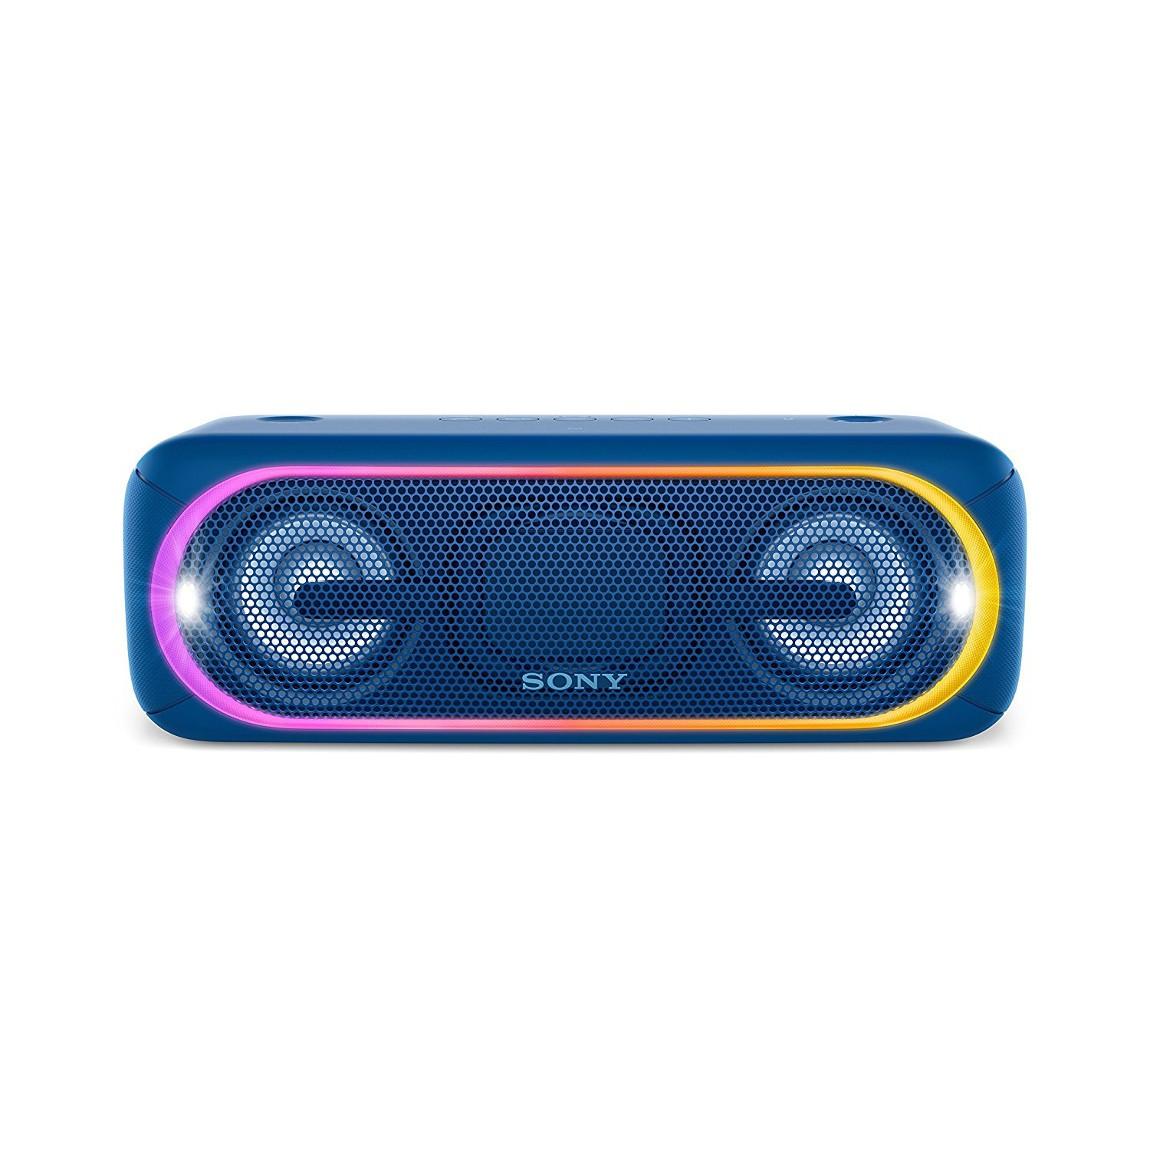 Sony SRS-XB40 - Blau